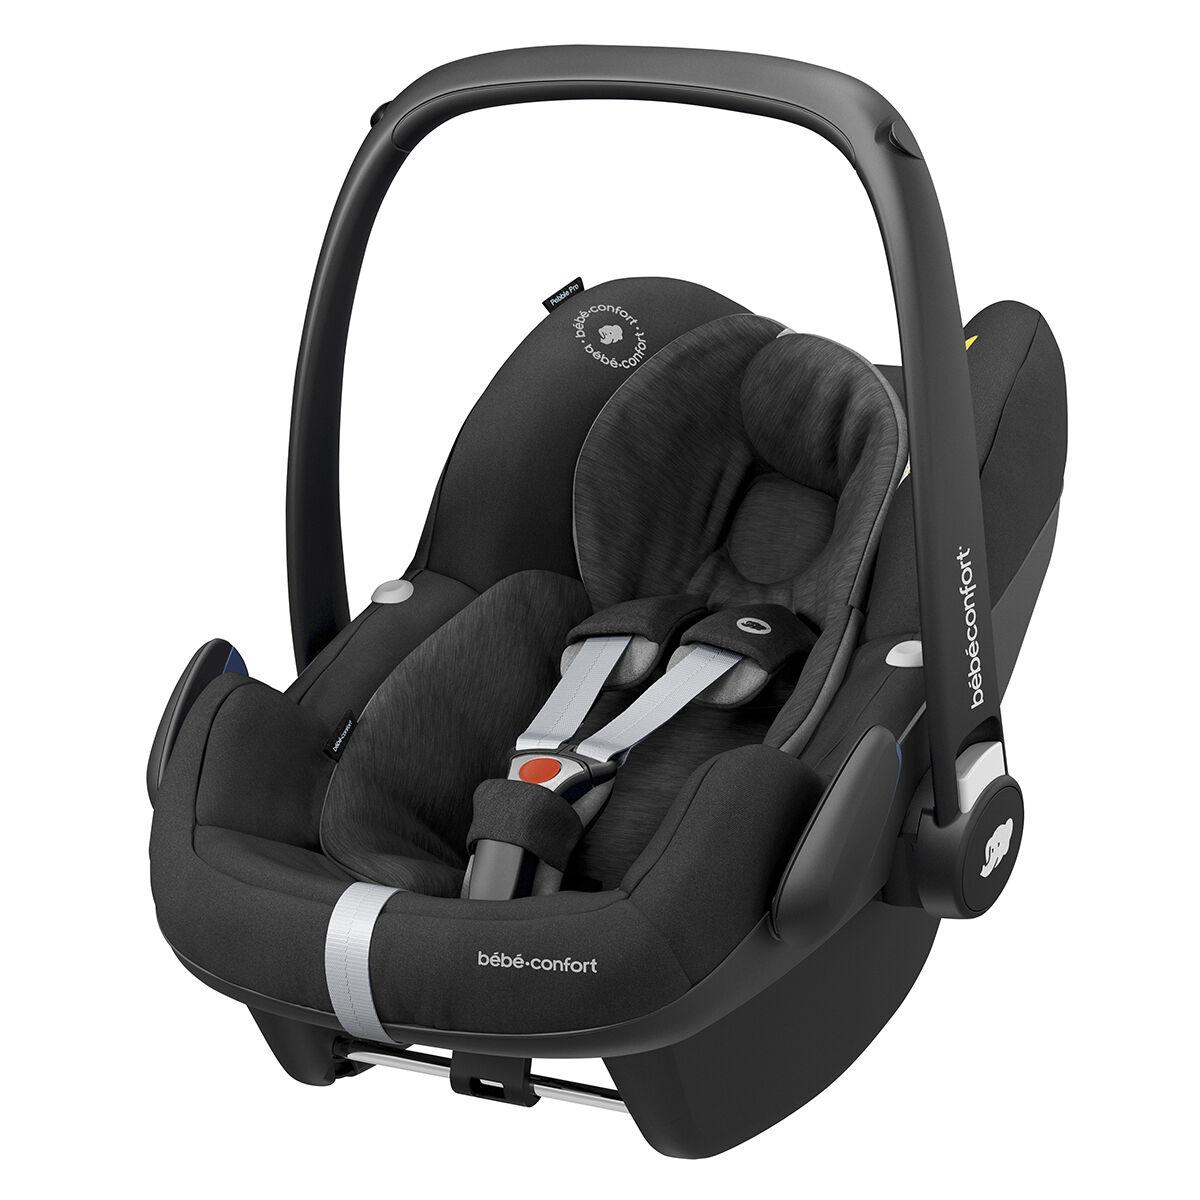 Bébé Confort Siège Auto Pebble Pro i-Size Groupe 0+ - Essential Black